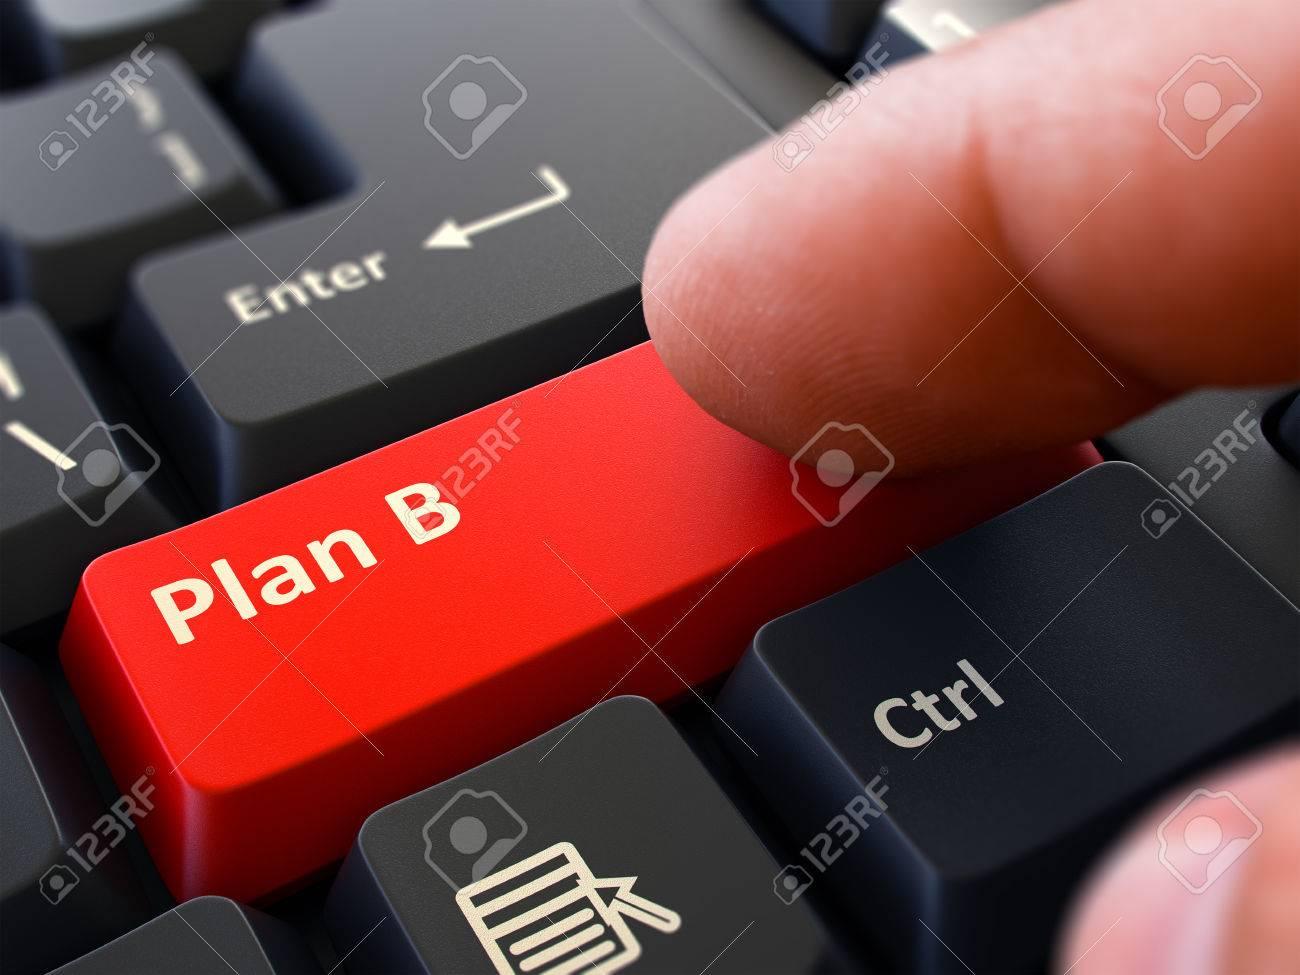 55460335-plan-b-written-on-red-keyboard-